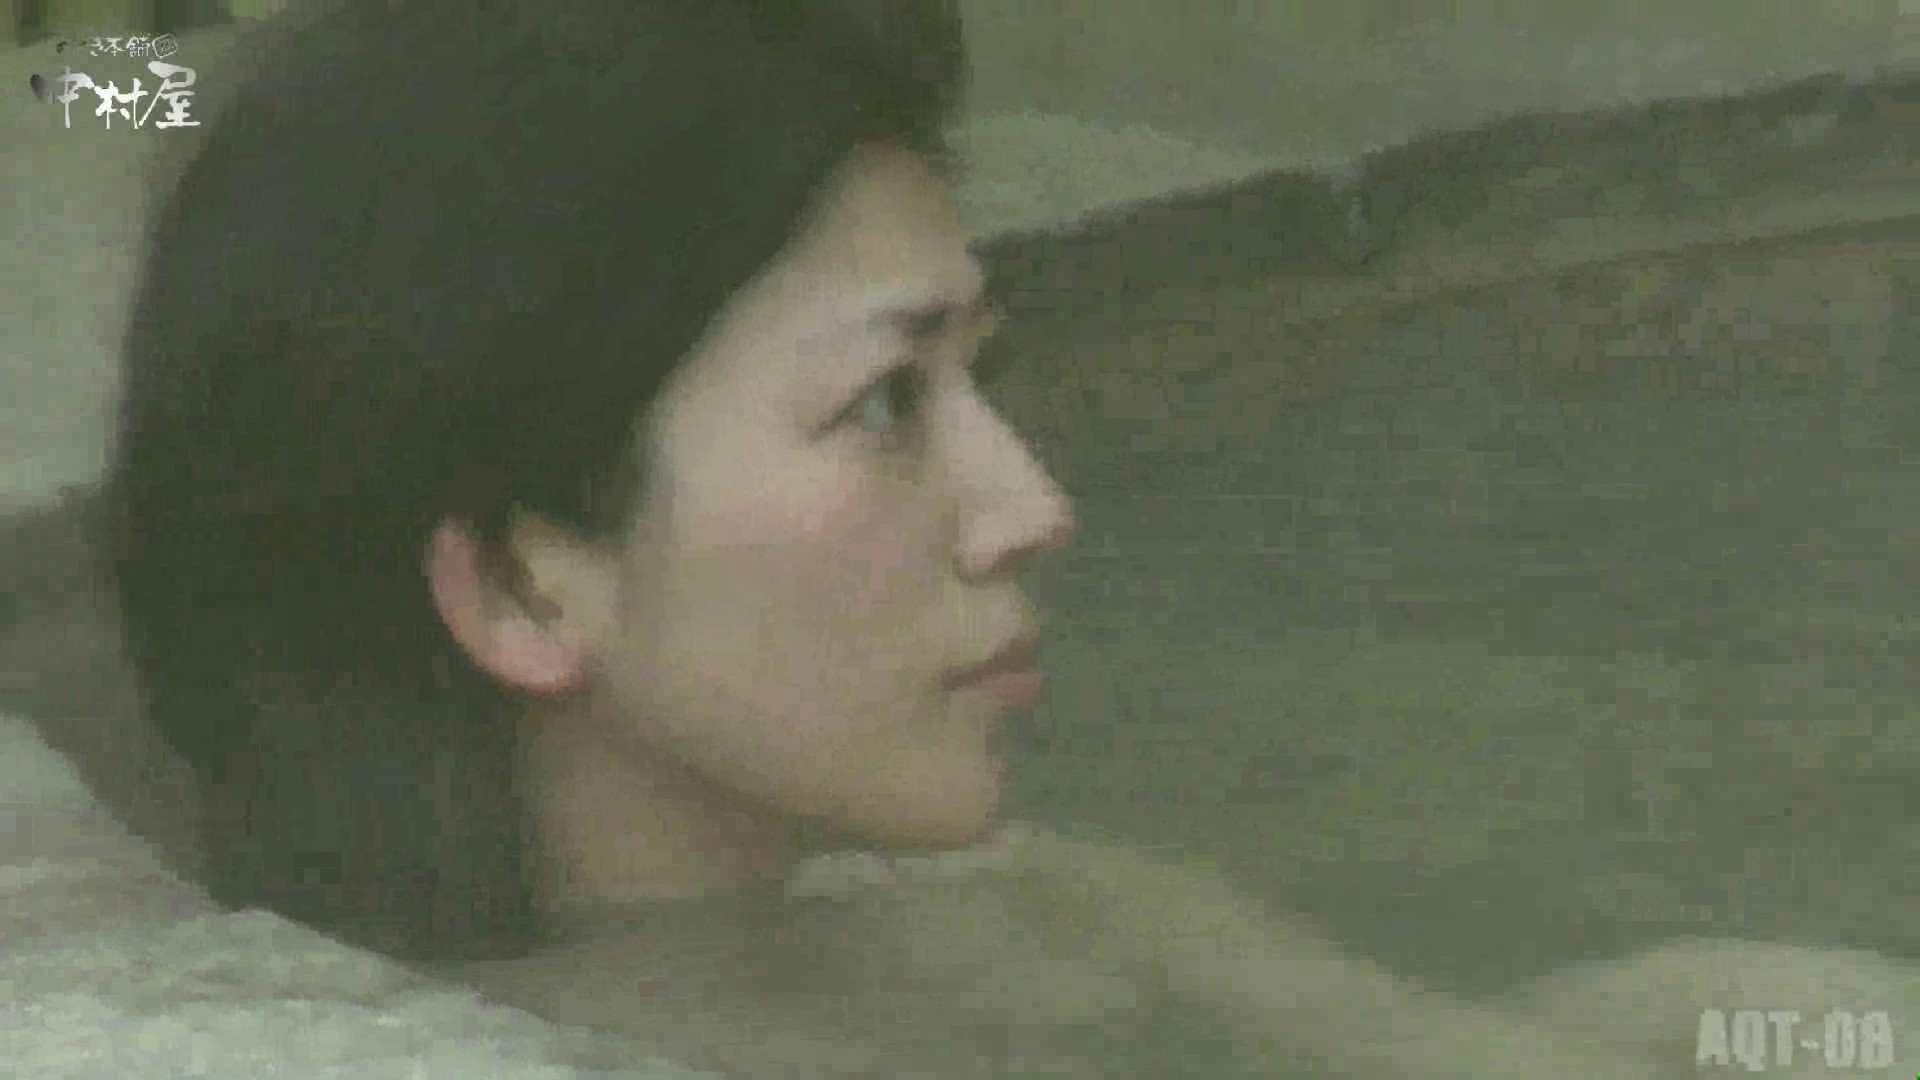 Aquaな露天風呂Vol.872潜入盗撮露天風呂八判湯 其の四 盗撮シリーズ  79PIX 45